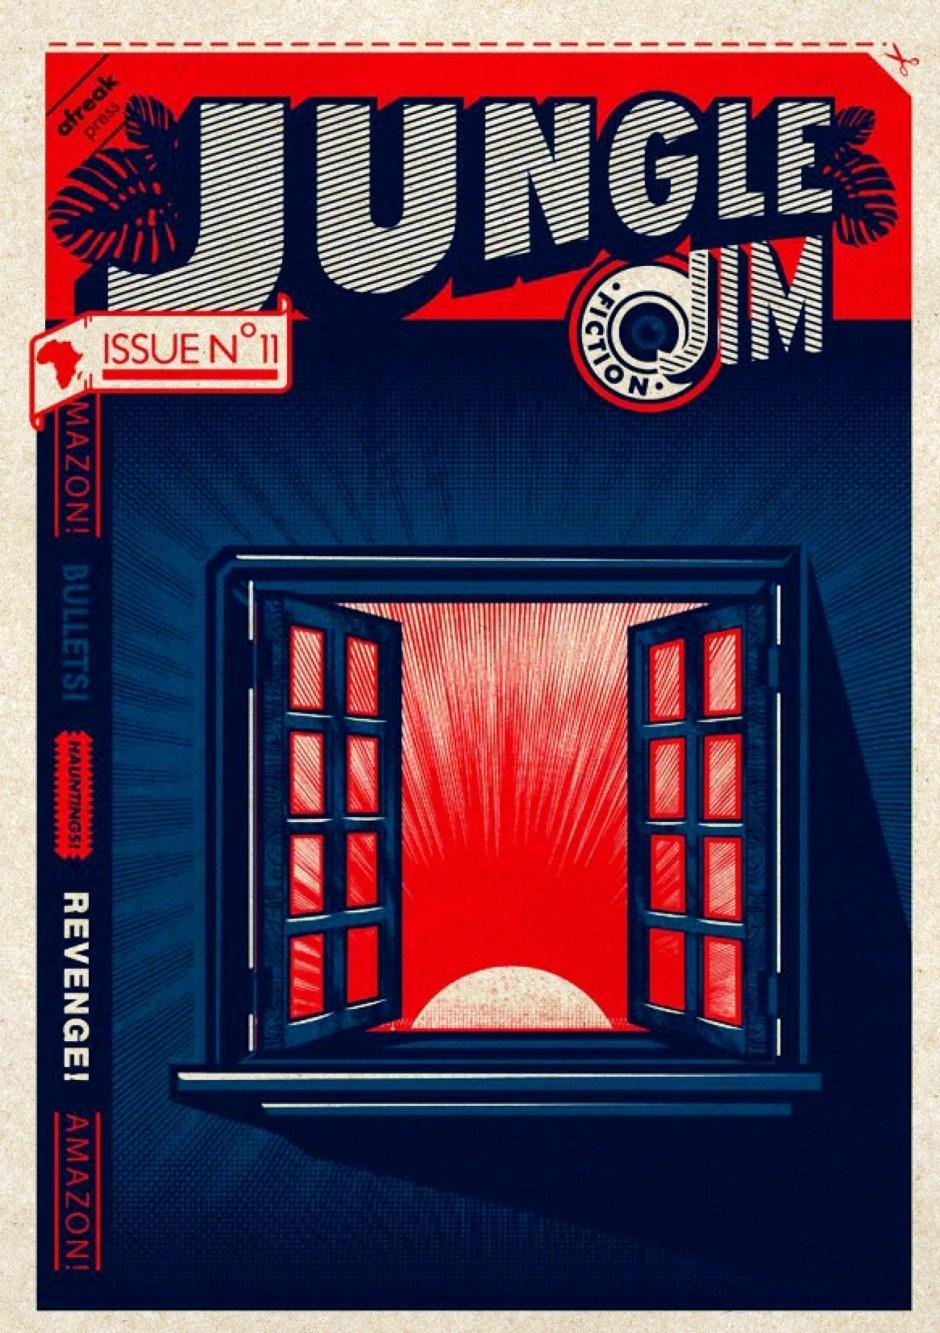 Jenna Bass, Hannes Bernard, »Jungle Jim - African Pulp Fiction«, No 11, 2013, Magazin